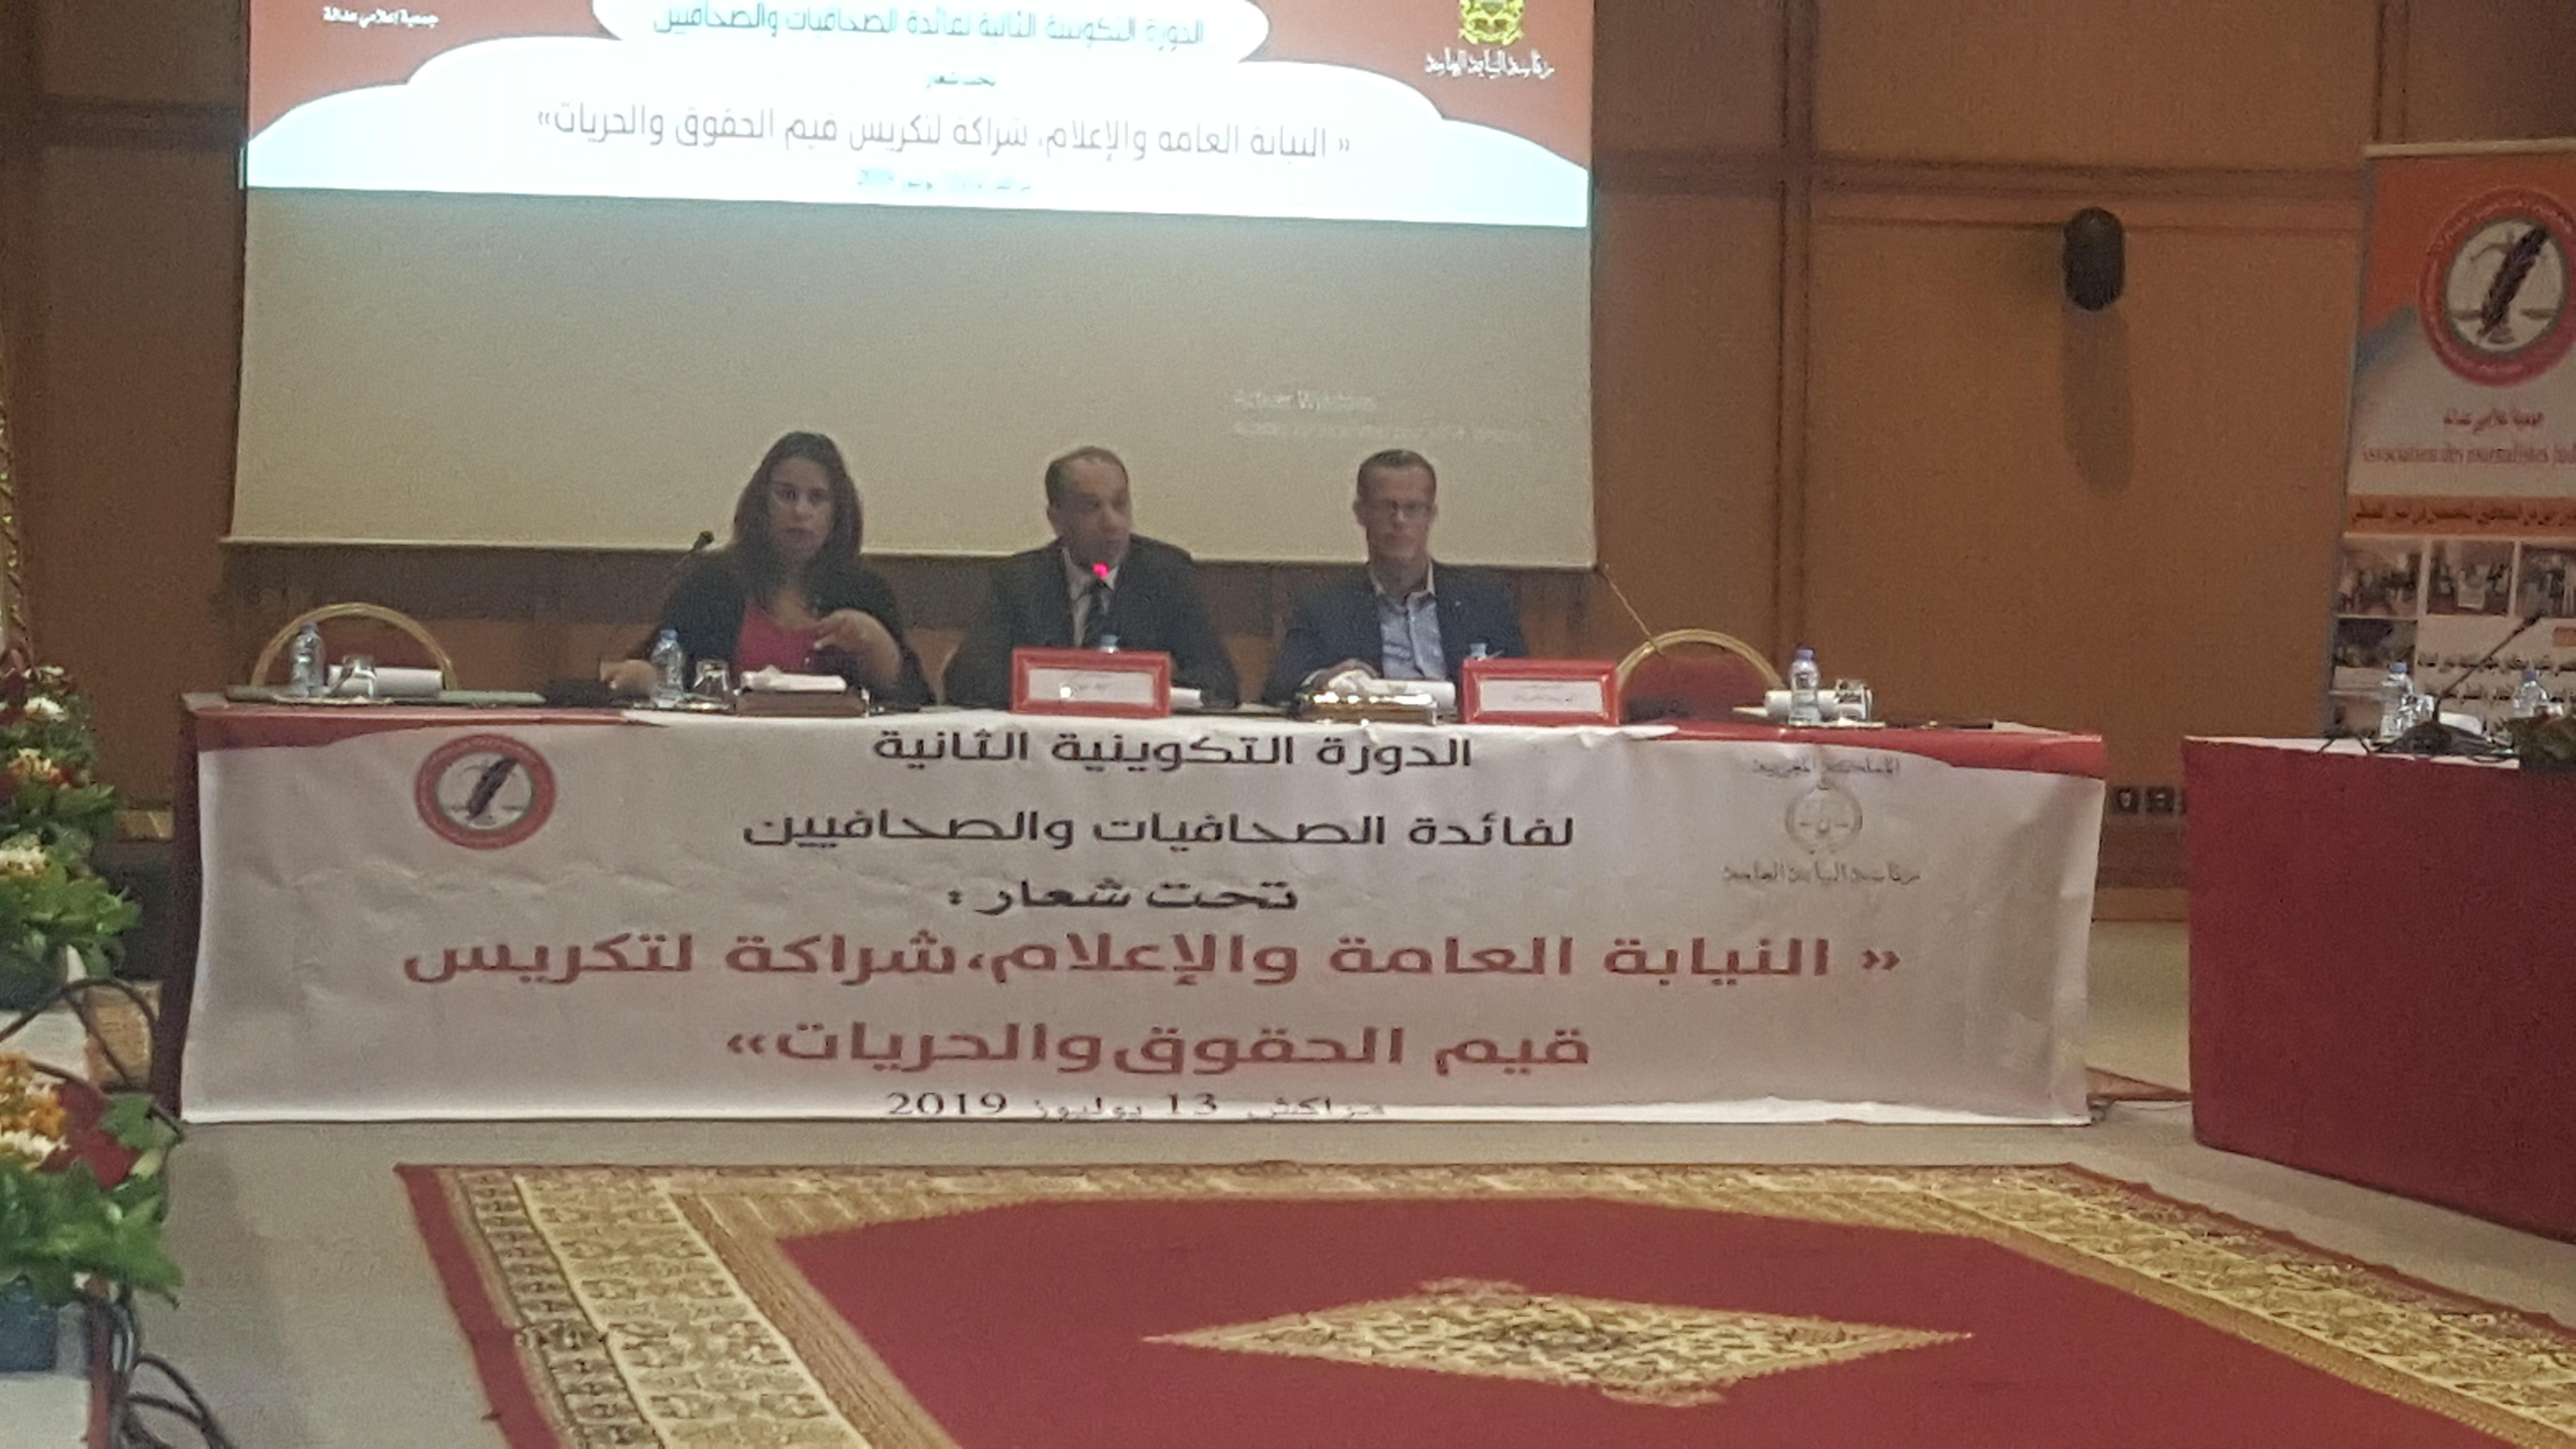 توقيع اتفاقية شراكة بين النيابة العامة وجمعية إعلاميي عدالة… صفحة جديدة في التواصل مع الإعلاميات والإعلاميين المغاربة